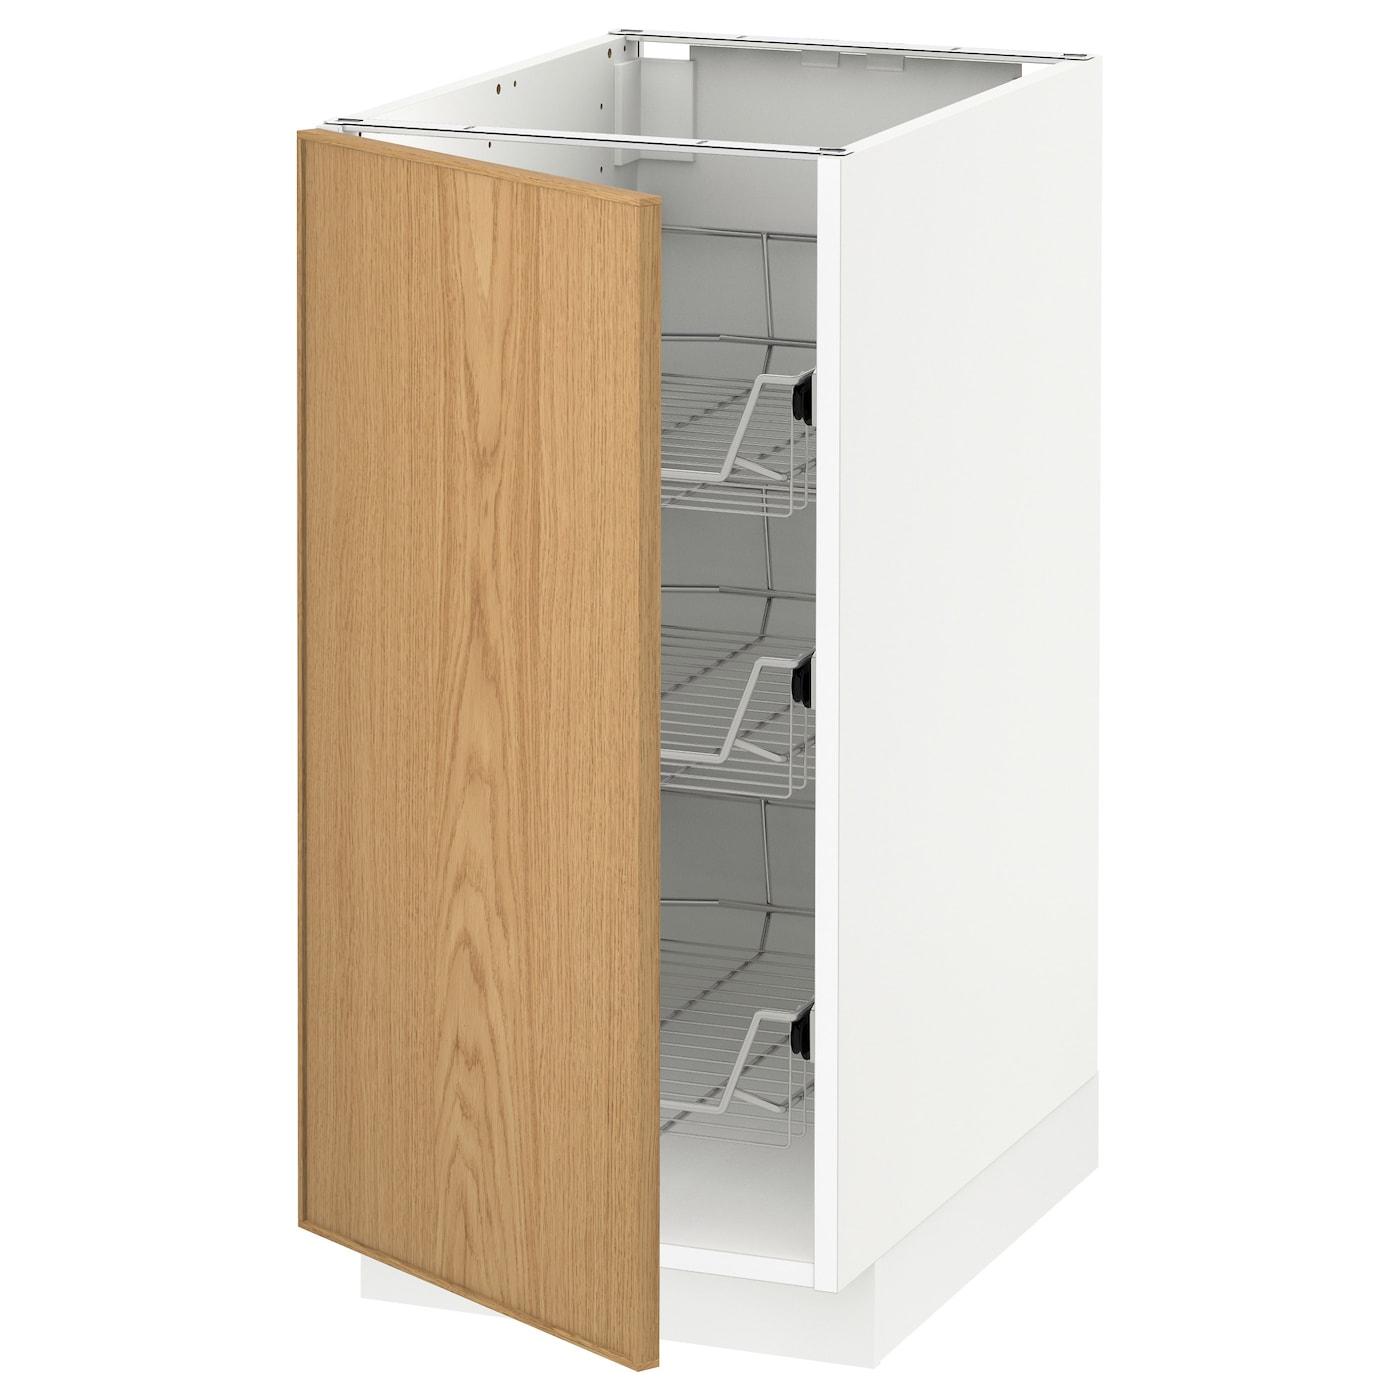 metod base cabinet with wire baskets white ekestad oak 40. Black Bedroom Furniture Sets. Home Design Ideas